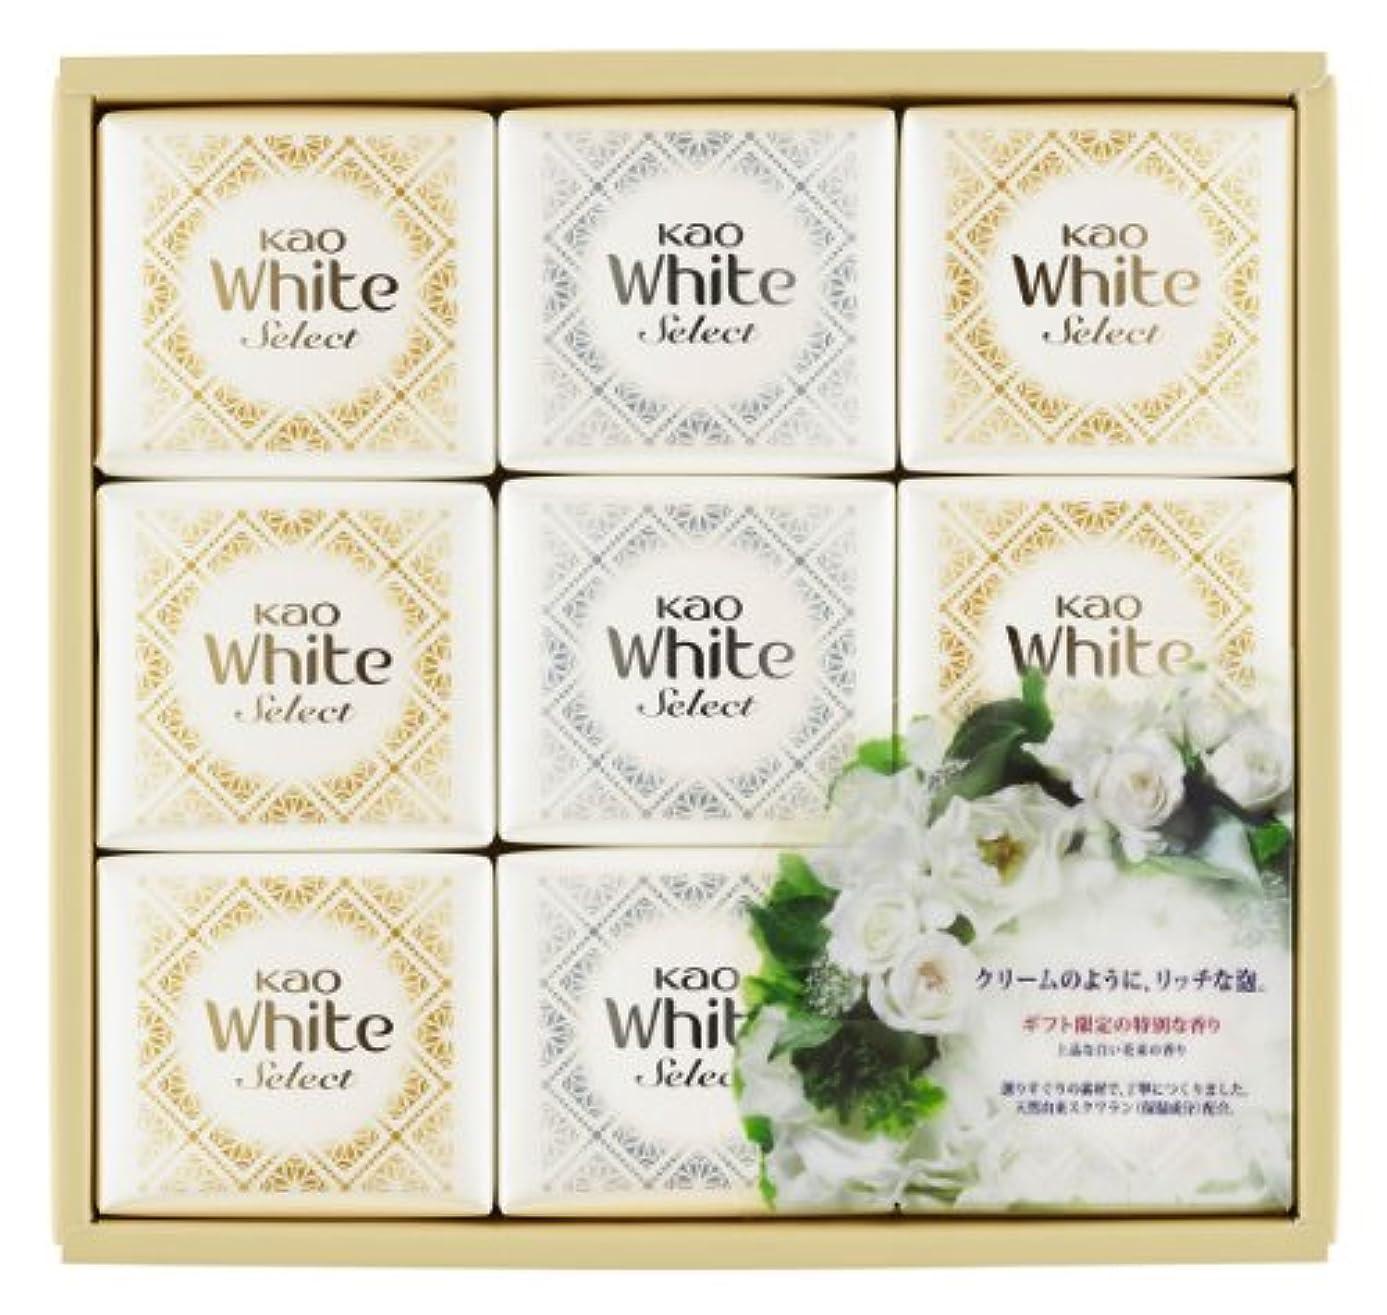 どんよりした速度あらゆる種類の花王ホワイト セレクト 上品な白い花束の香り 85g 9コ K?WS-15